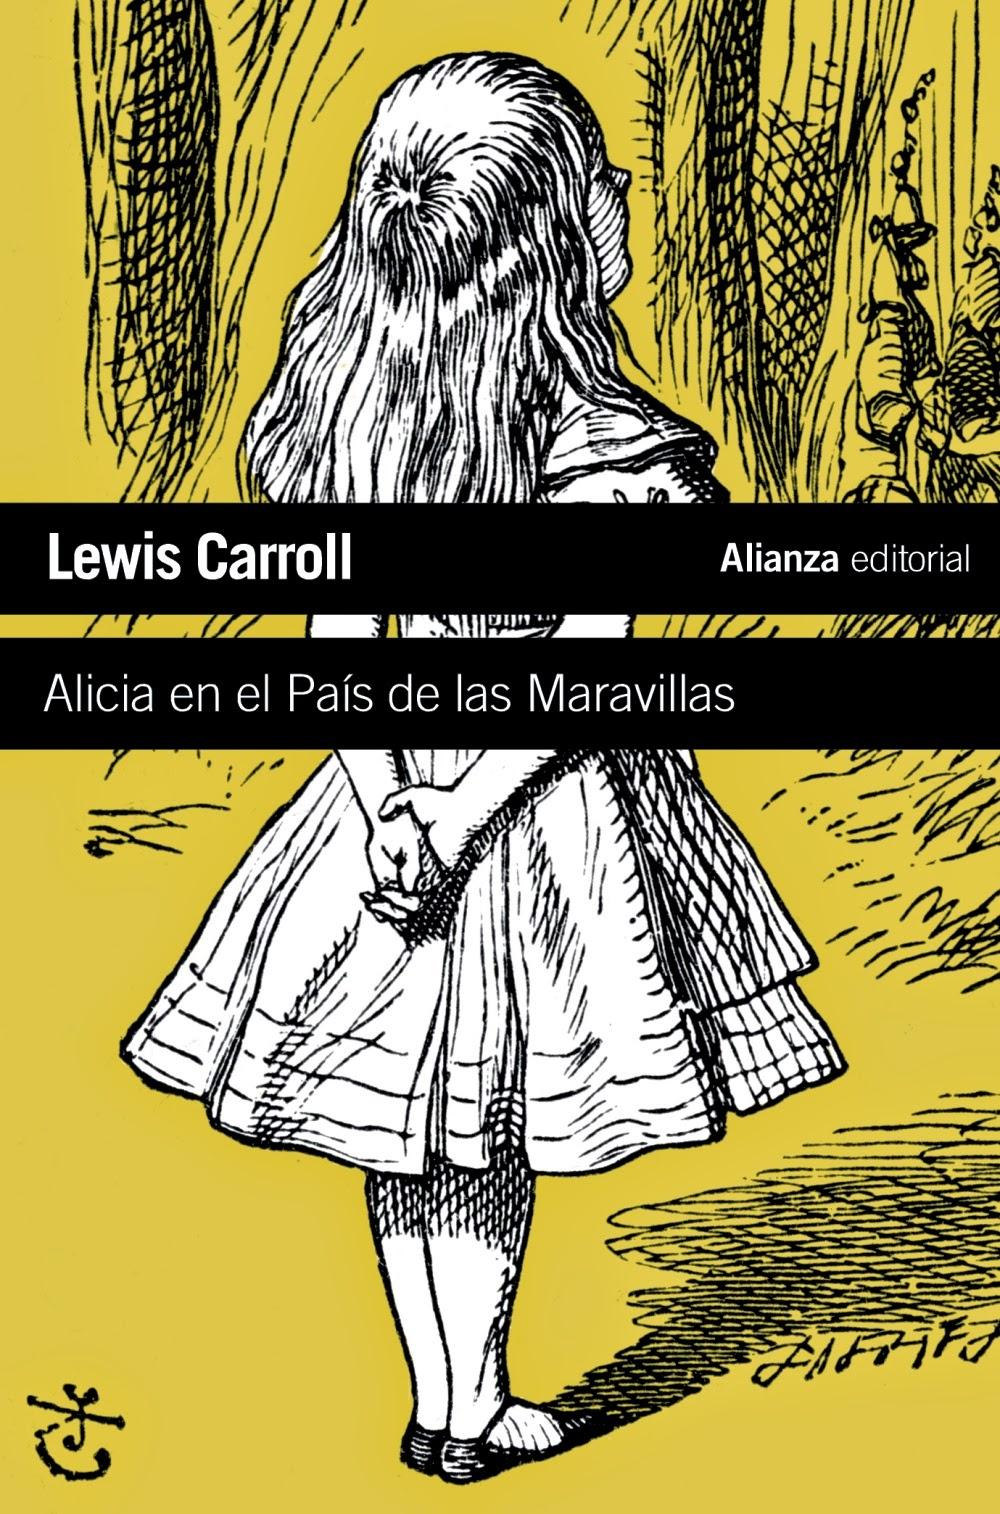 http://labibliotecadebella.blogspot.com.es/2015/03/alicia-en-el-pais-de-las-maravillas.html